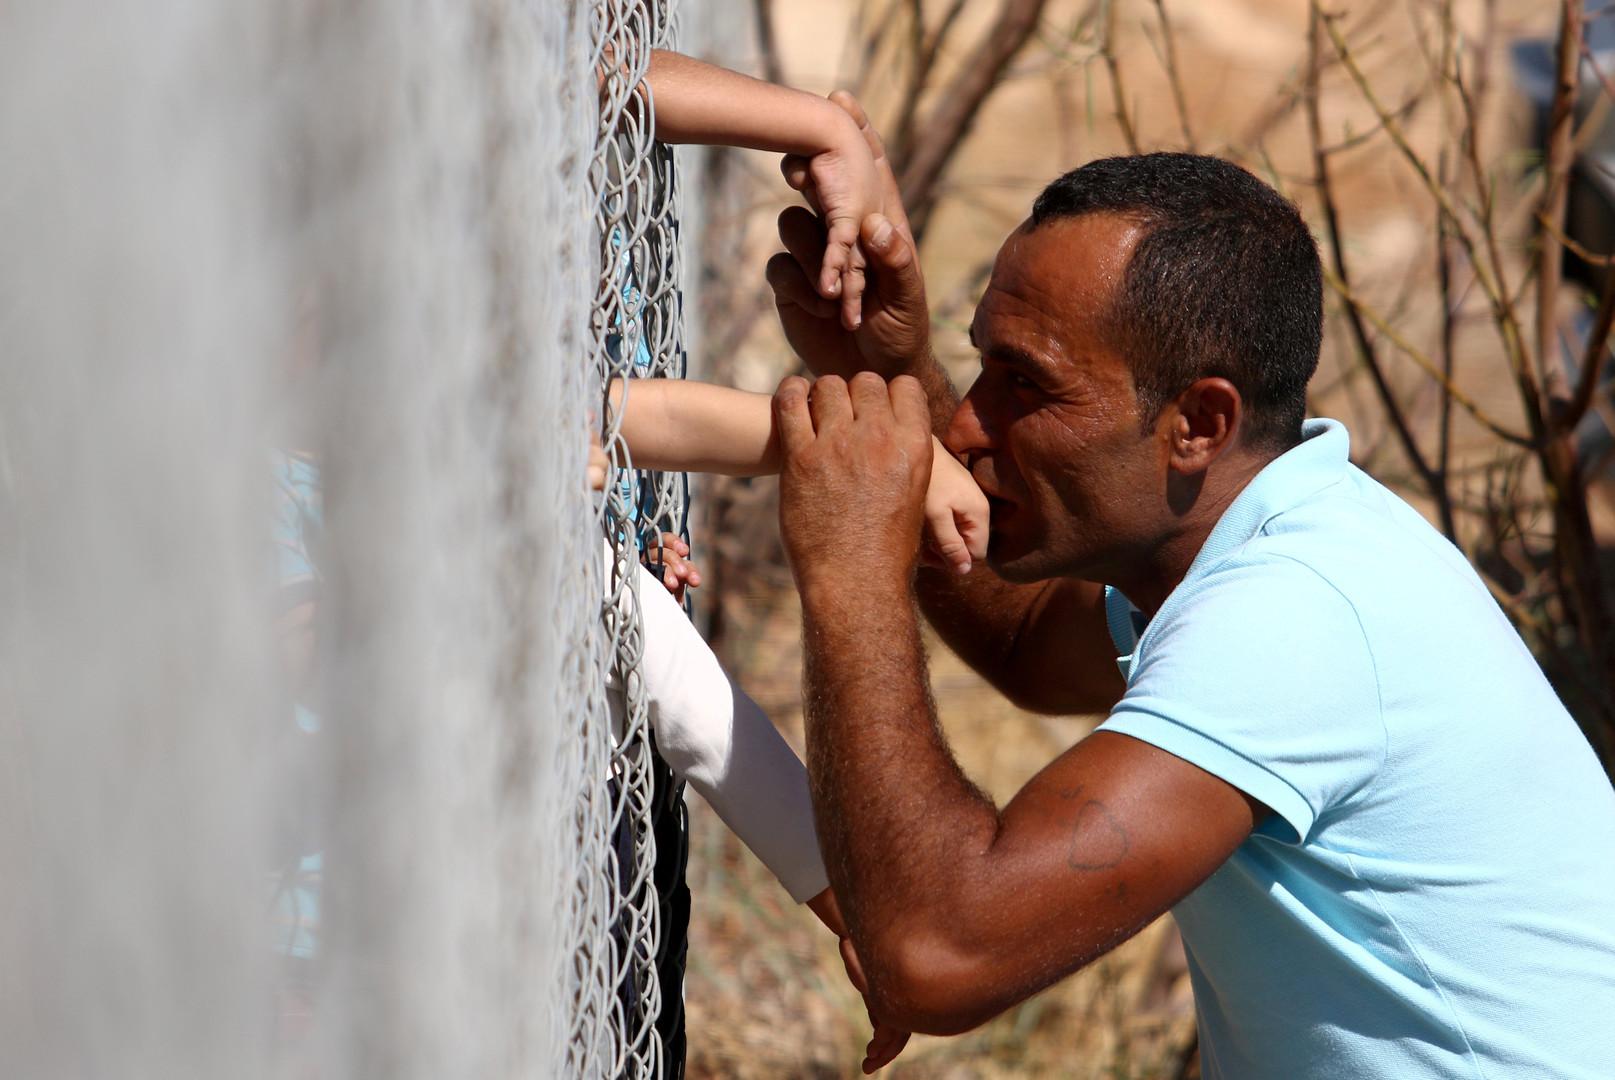 Ammar Hammasho aus Syrien küsst die Hände seiner Kinder bei deren Ankunft im Flüchtlingscamp von Kokkinotrimithia, Zypern, 10. September 2017.